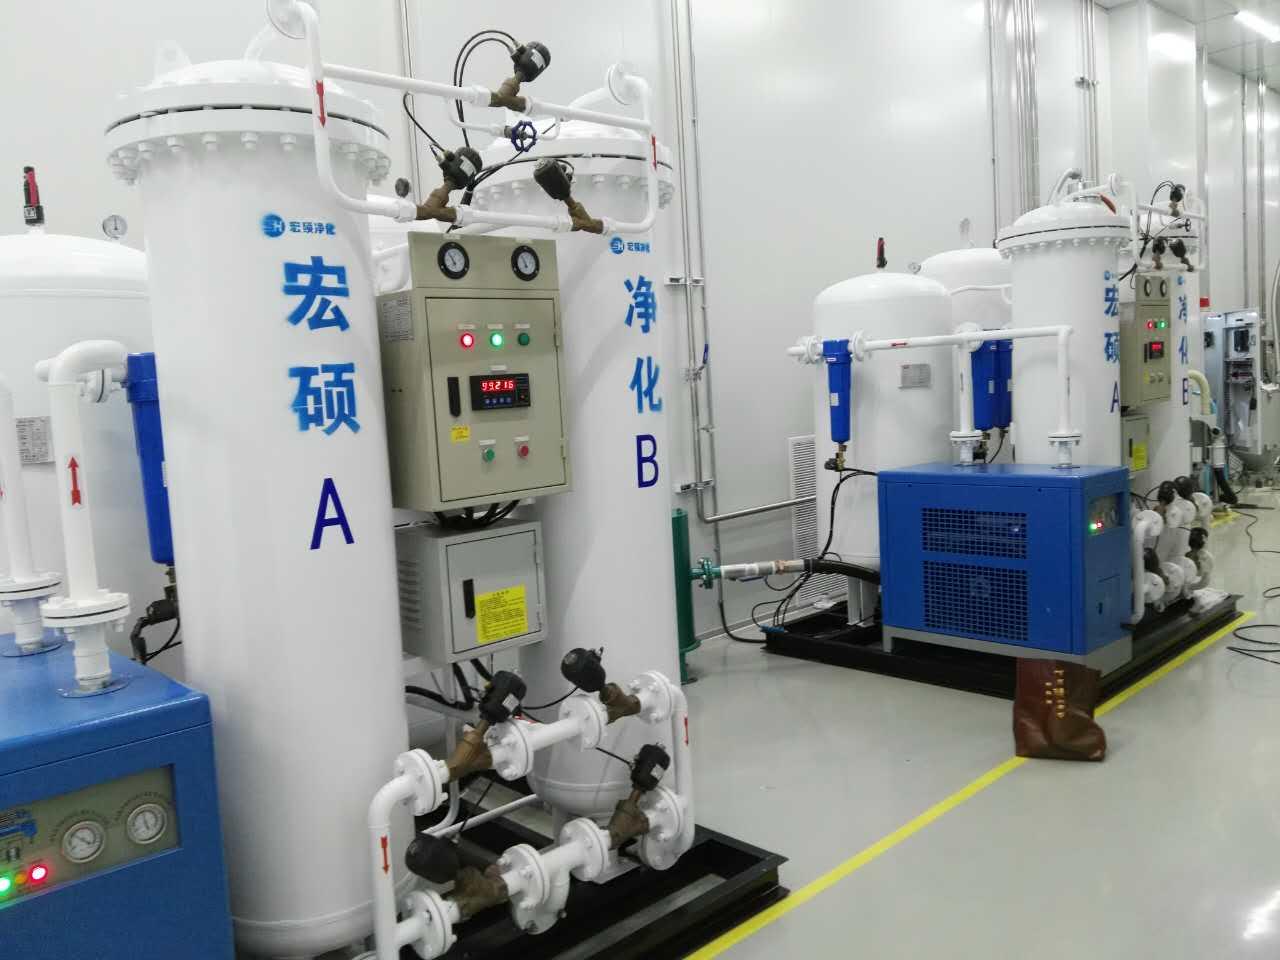 SMT电子行业焊接技术中氮气使用要求